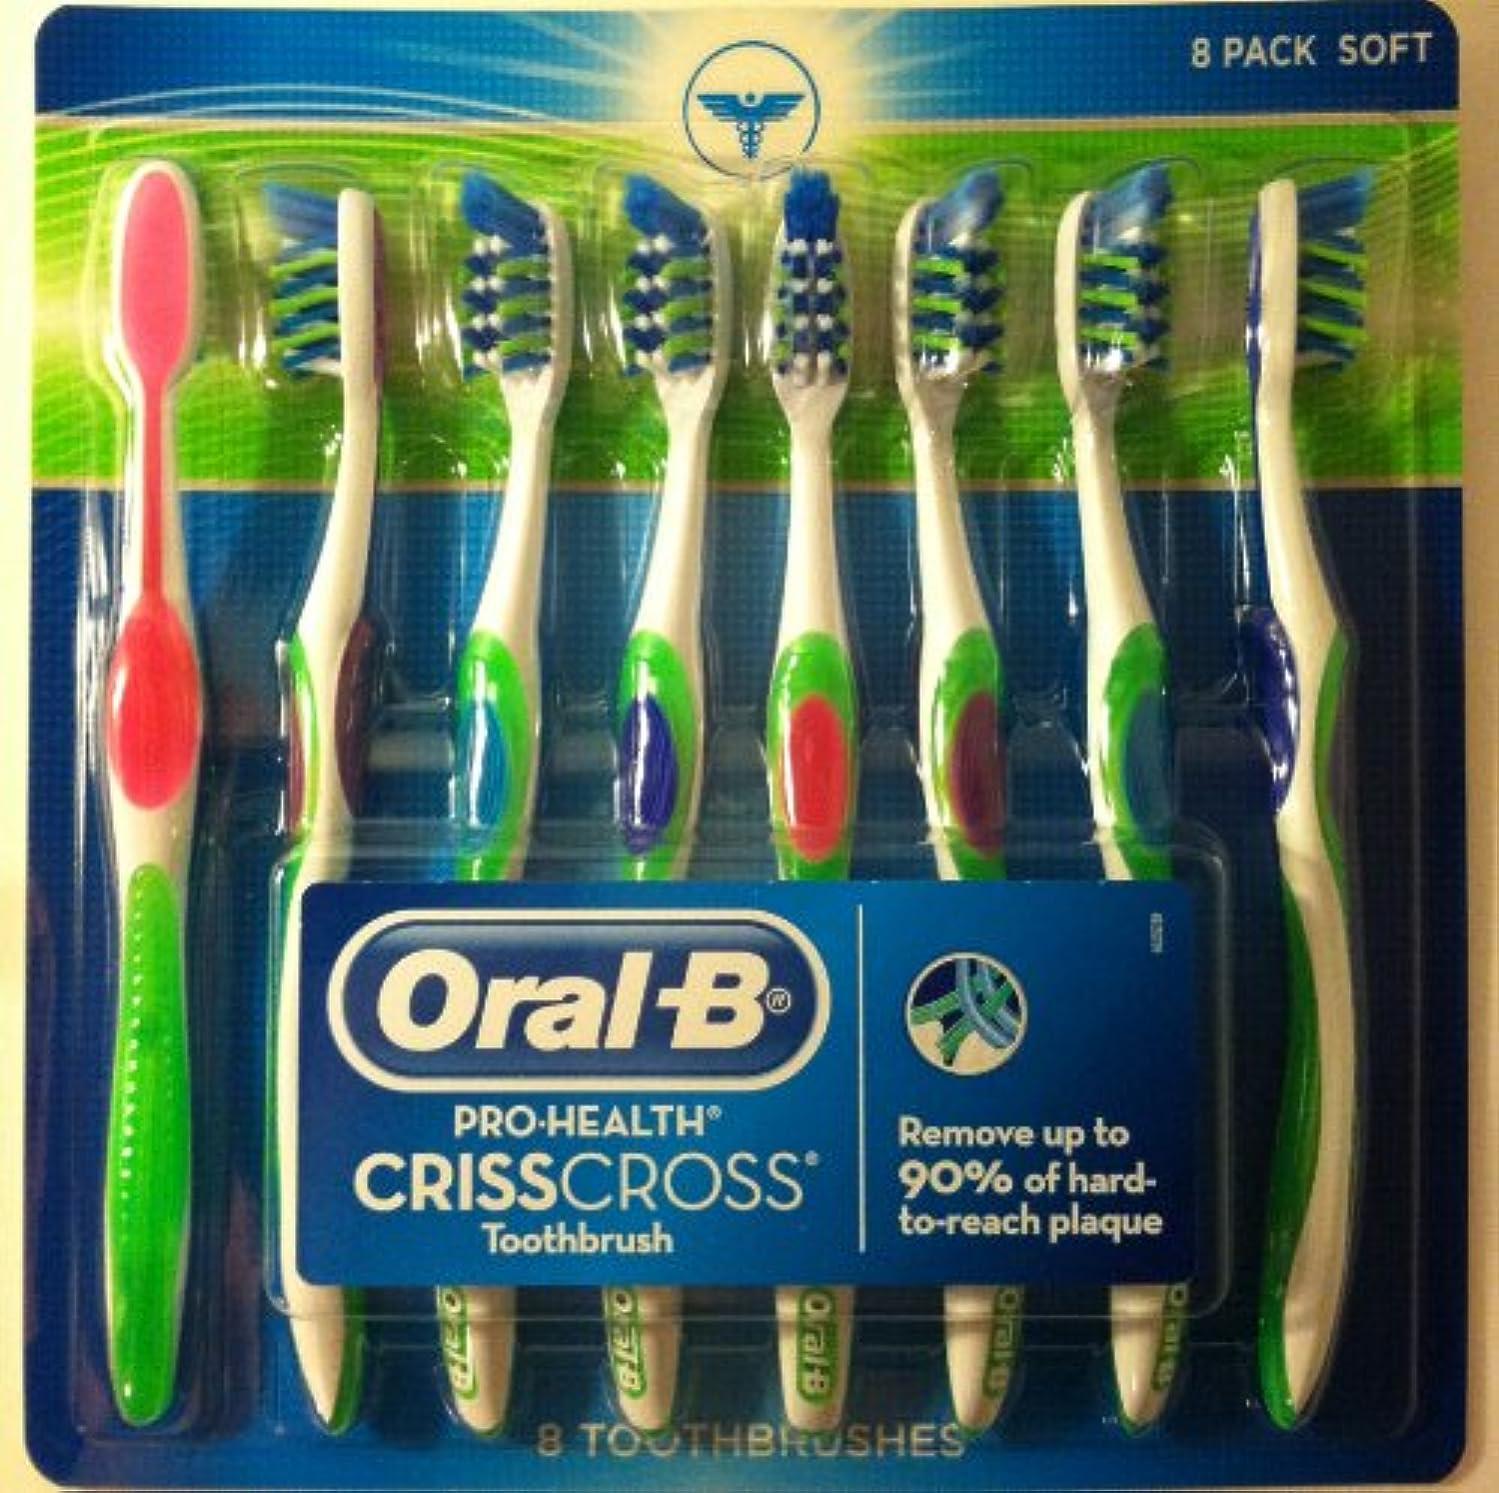 パーセントジェム千【歯垢をかきだす歯ブラシ】ORAL B® ADVANTAGE CRISSCROSS TOOTHBRUSH - SOFT 8本 歯ブラシ